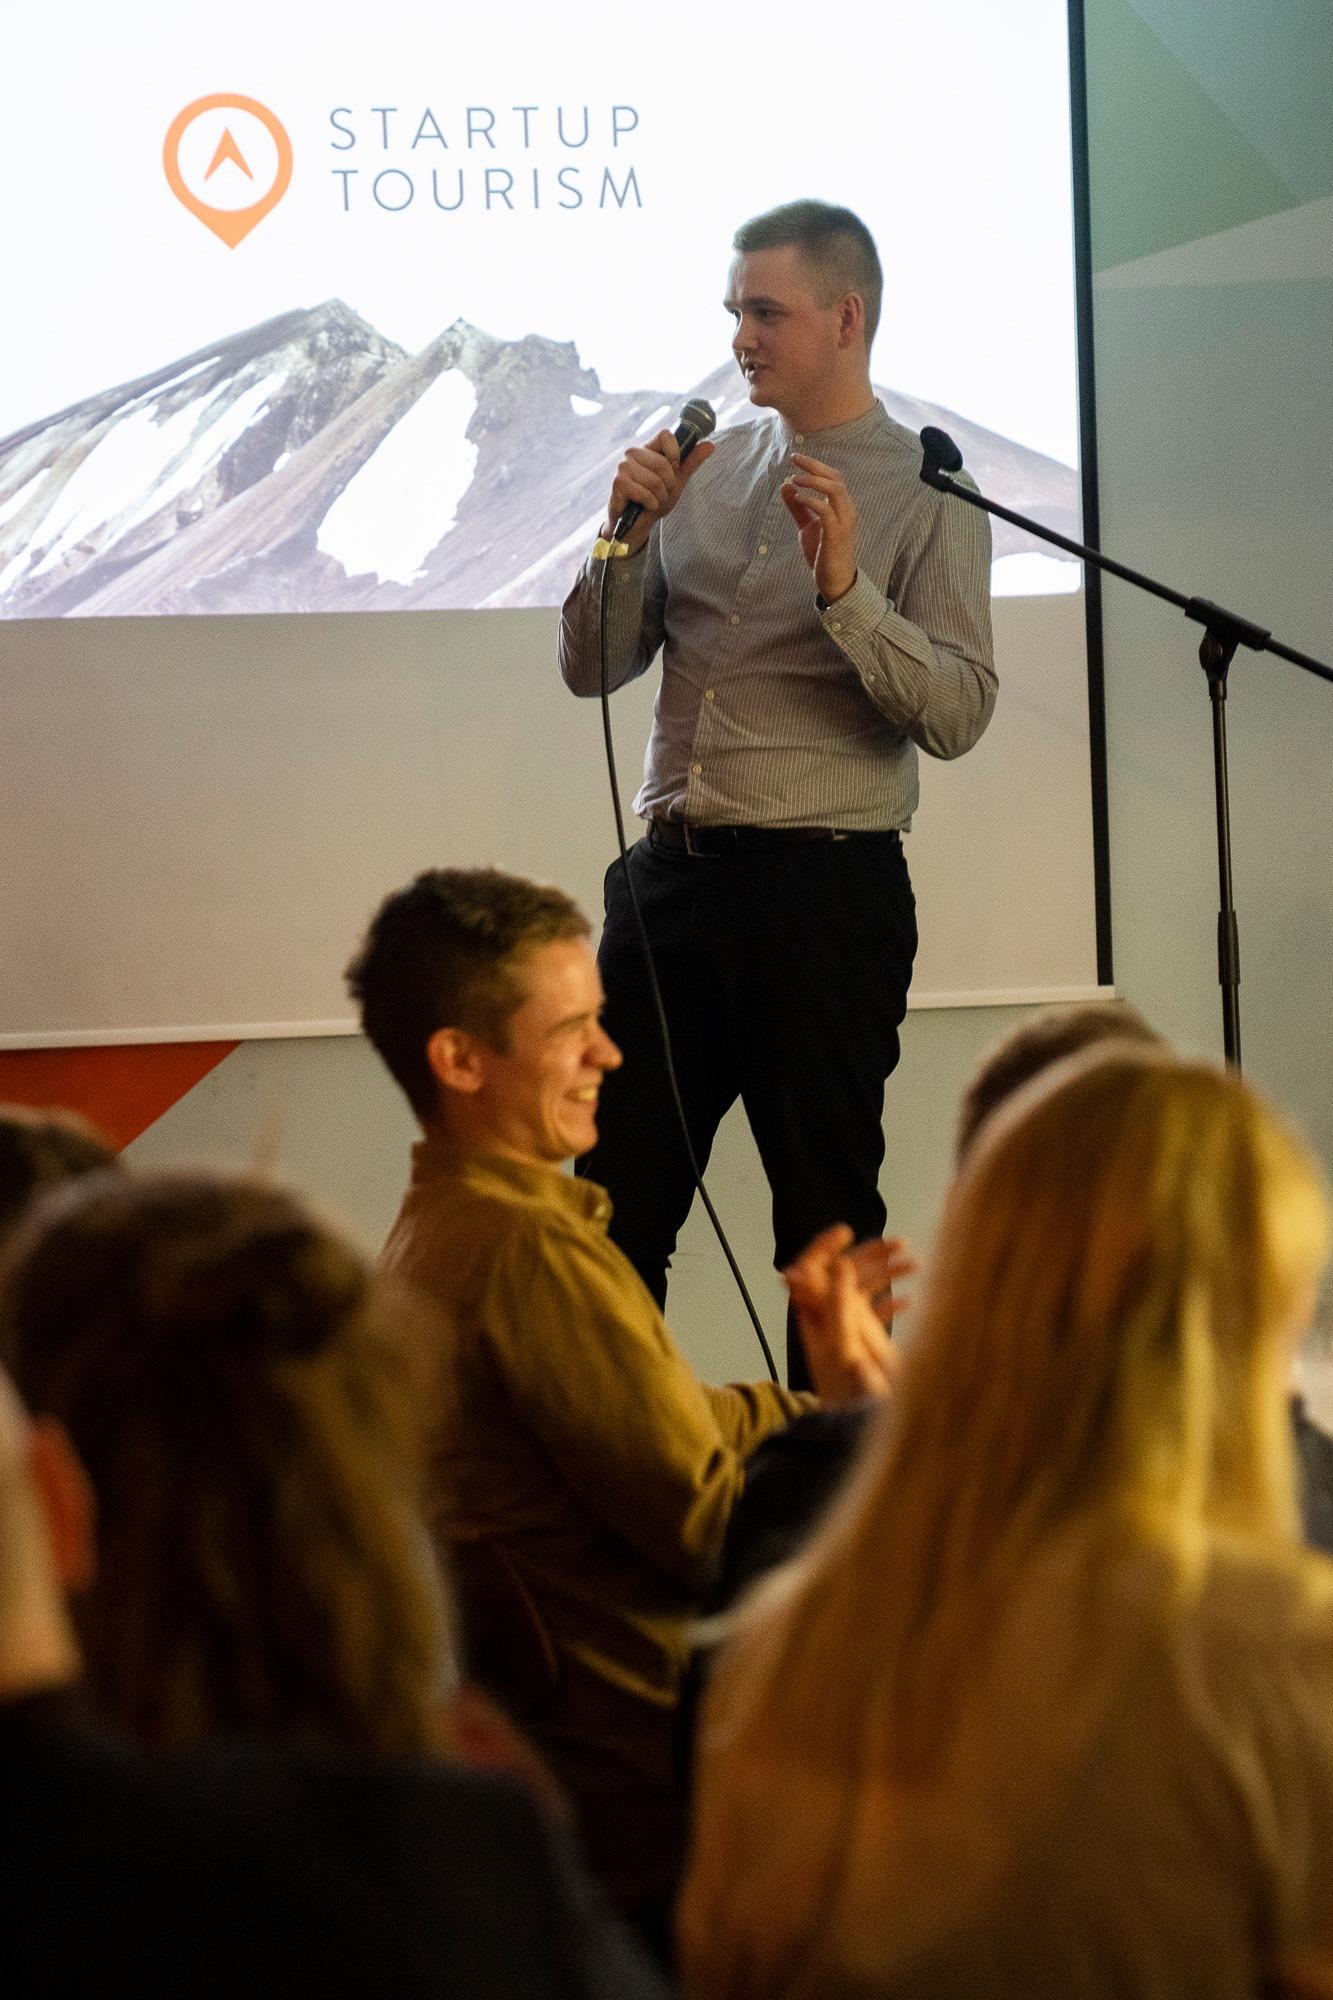 Daníel flytur erindi á Startup Tourism en hann var sjálfur frumkvöðull í ferðaþjónustu á sínum tíma.